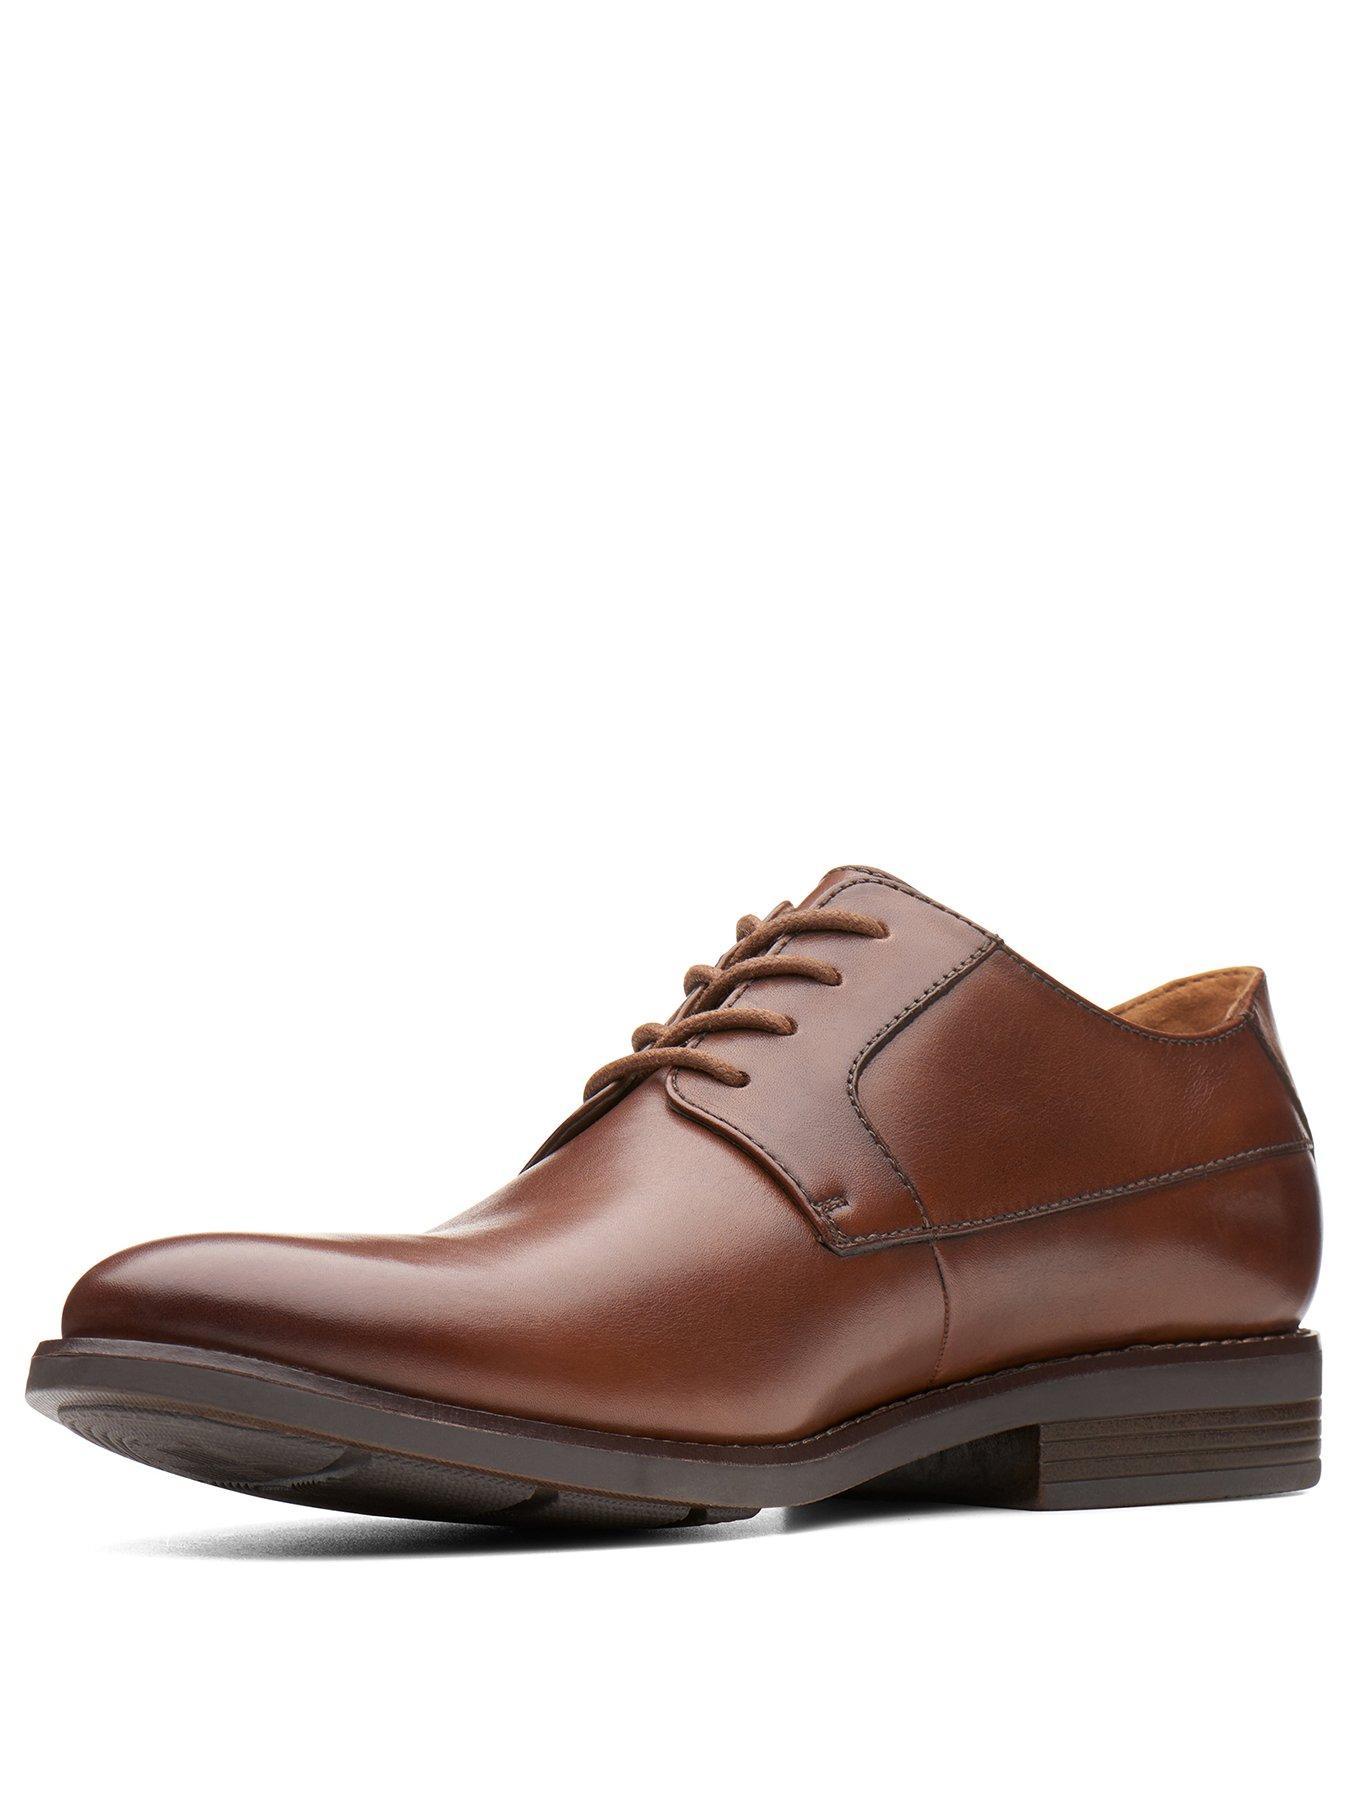 Wide | Shoes | Shoes \u0026 boots | Men